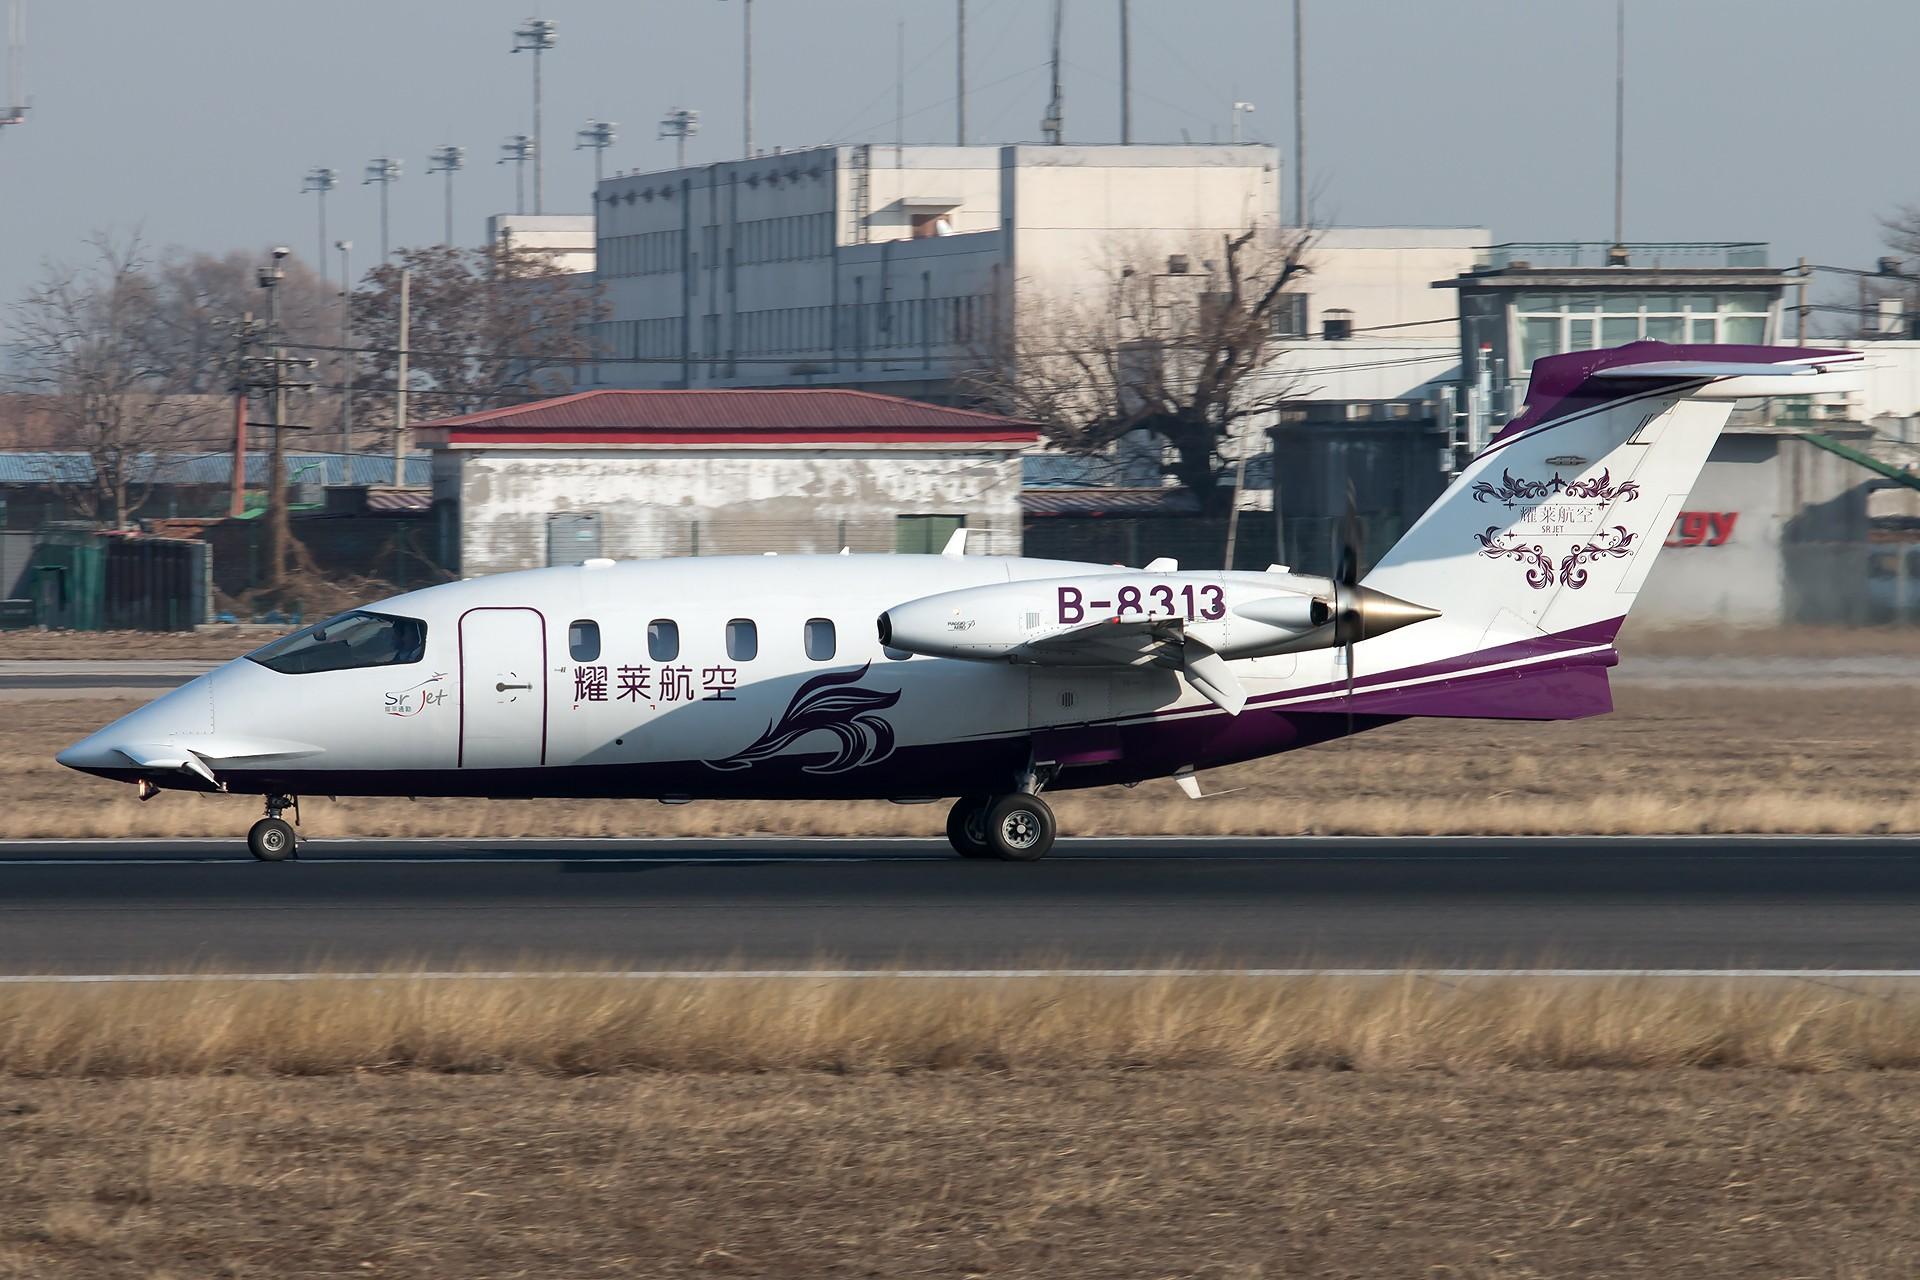 [原创][一图党] 耀莱航空 Piaggio P-180 1920*1280 PIAGGIO P-180 AVANTI II B-8313 中国北京首都国际机场